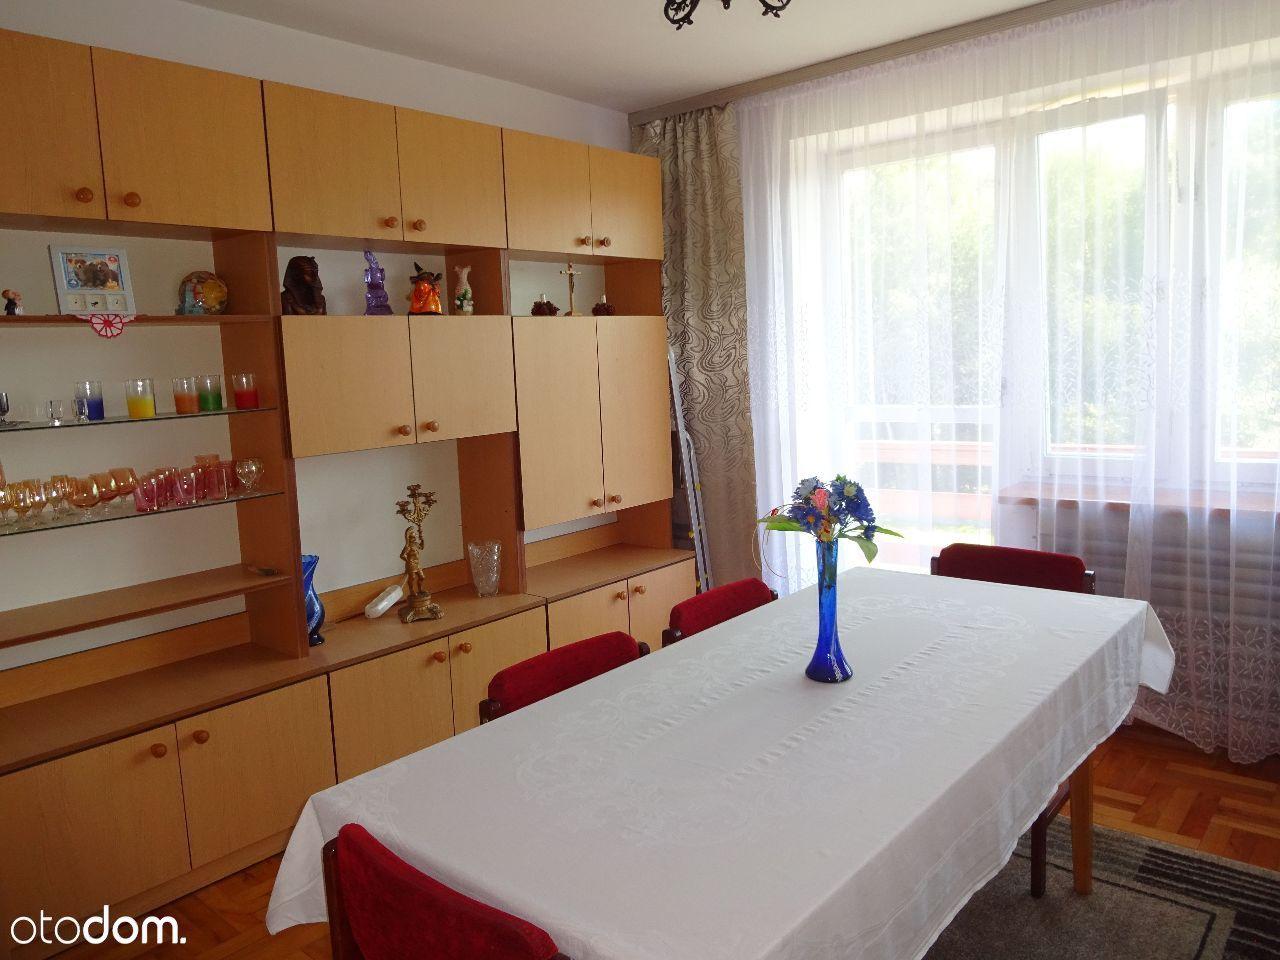 Dom na sprzedaż, Błażowa Dolna, rzeszowski, podkarpackie - Foto 6